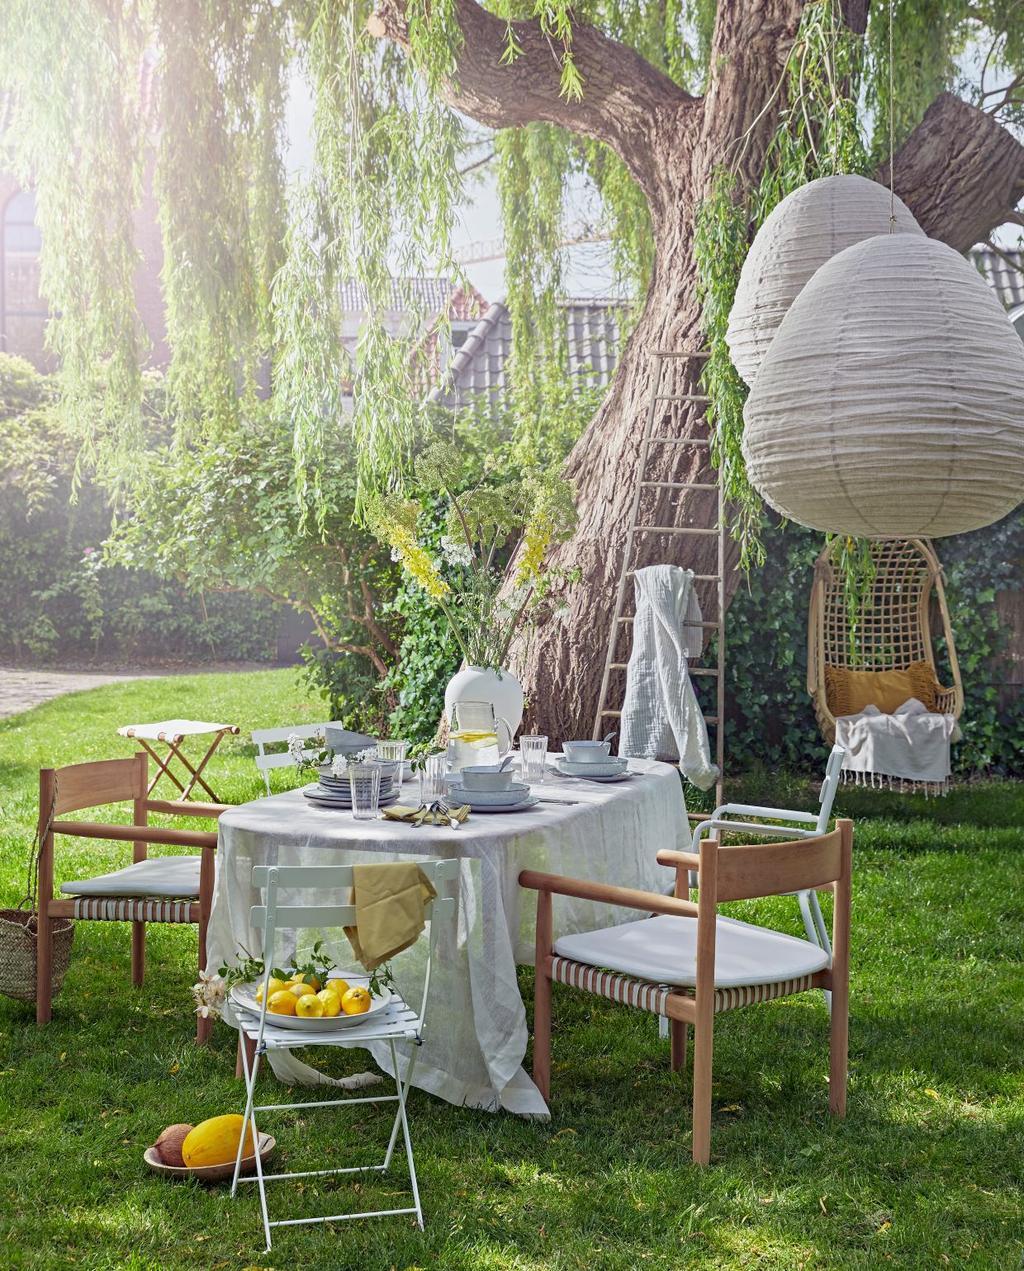 vtwonen 07-2020 | styling tuin eettafel met houten stoelen